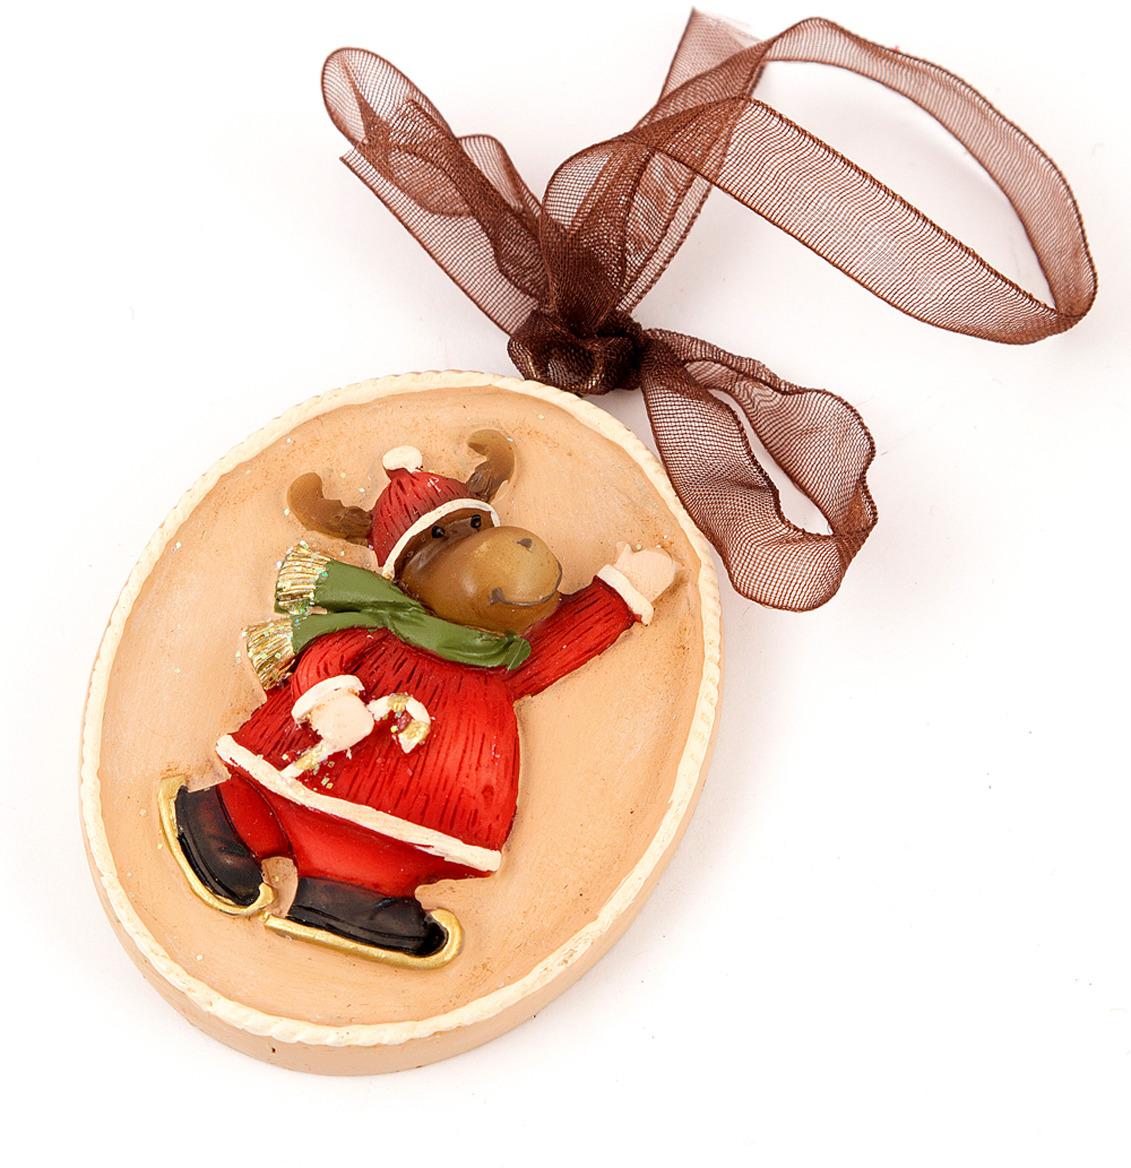 Игрушка ёлочная Русские подарки Лосик, 6 х 6 см игрушка ёлочная русские подарки зимние мотивы олень 8 х 1 х 8 см